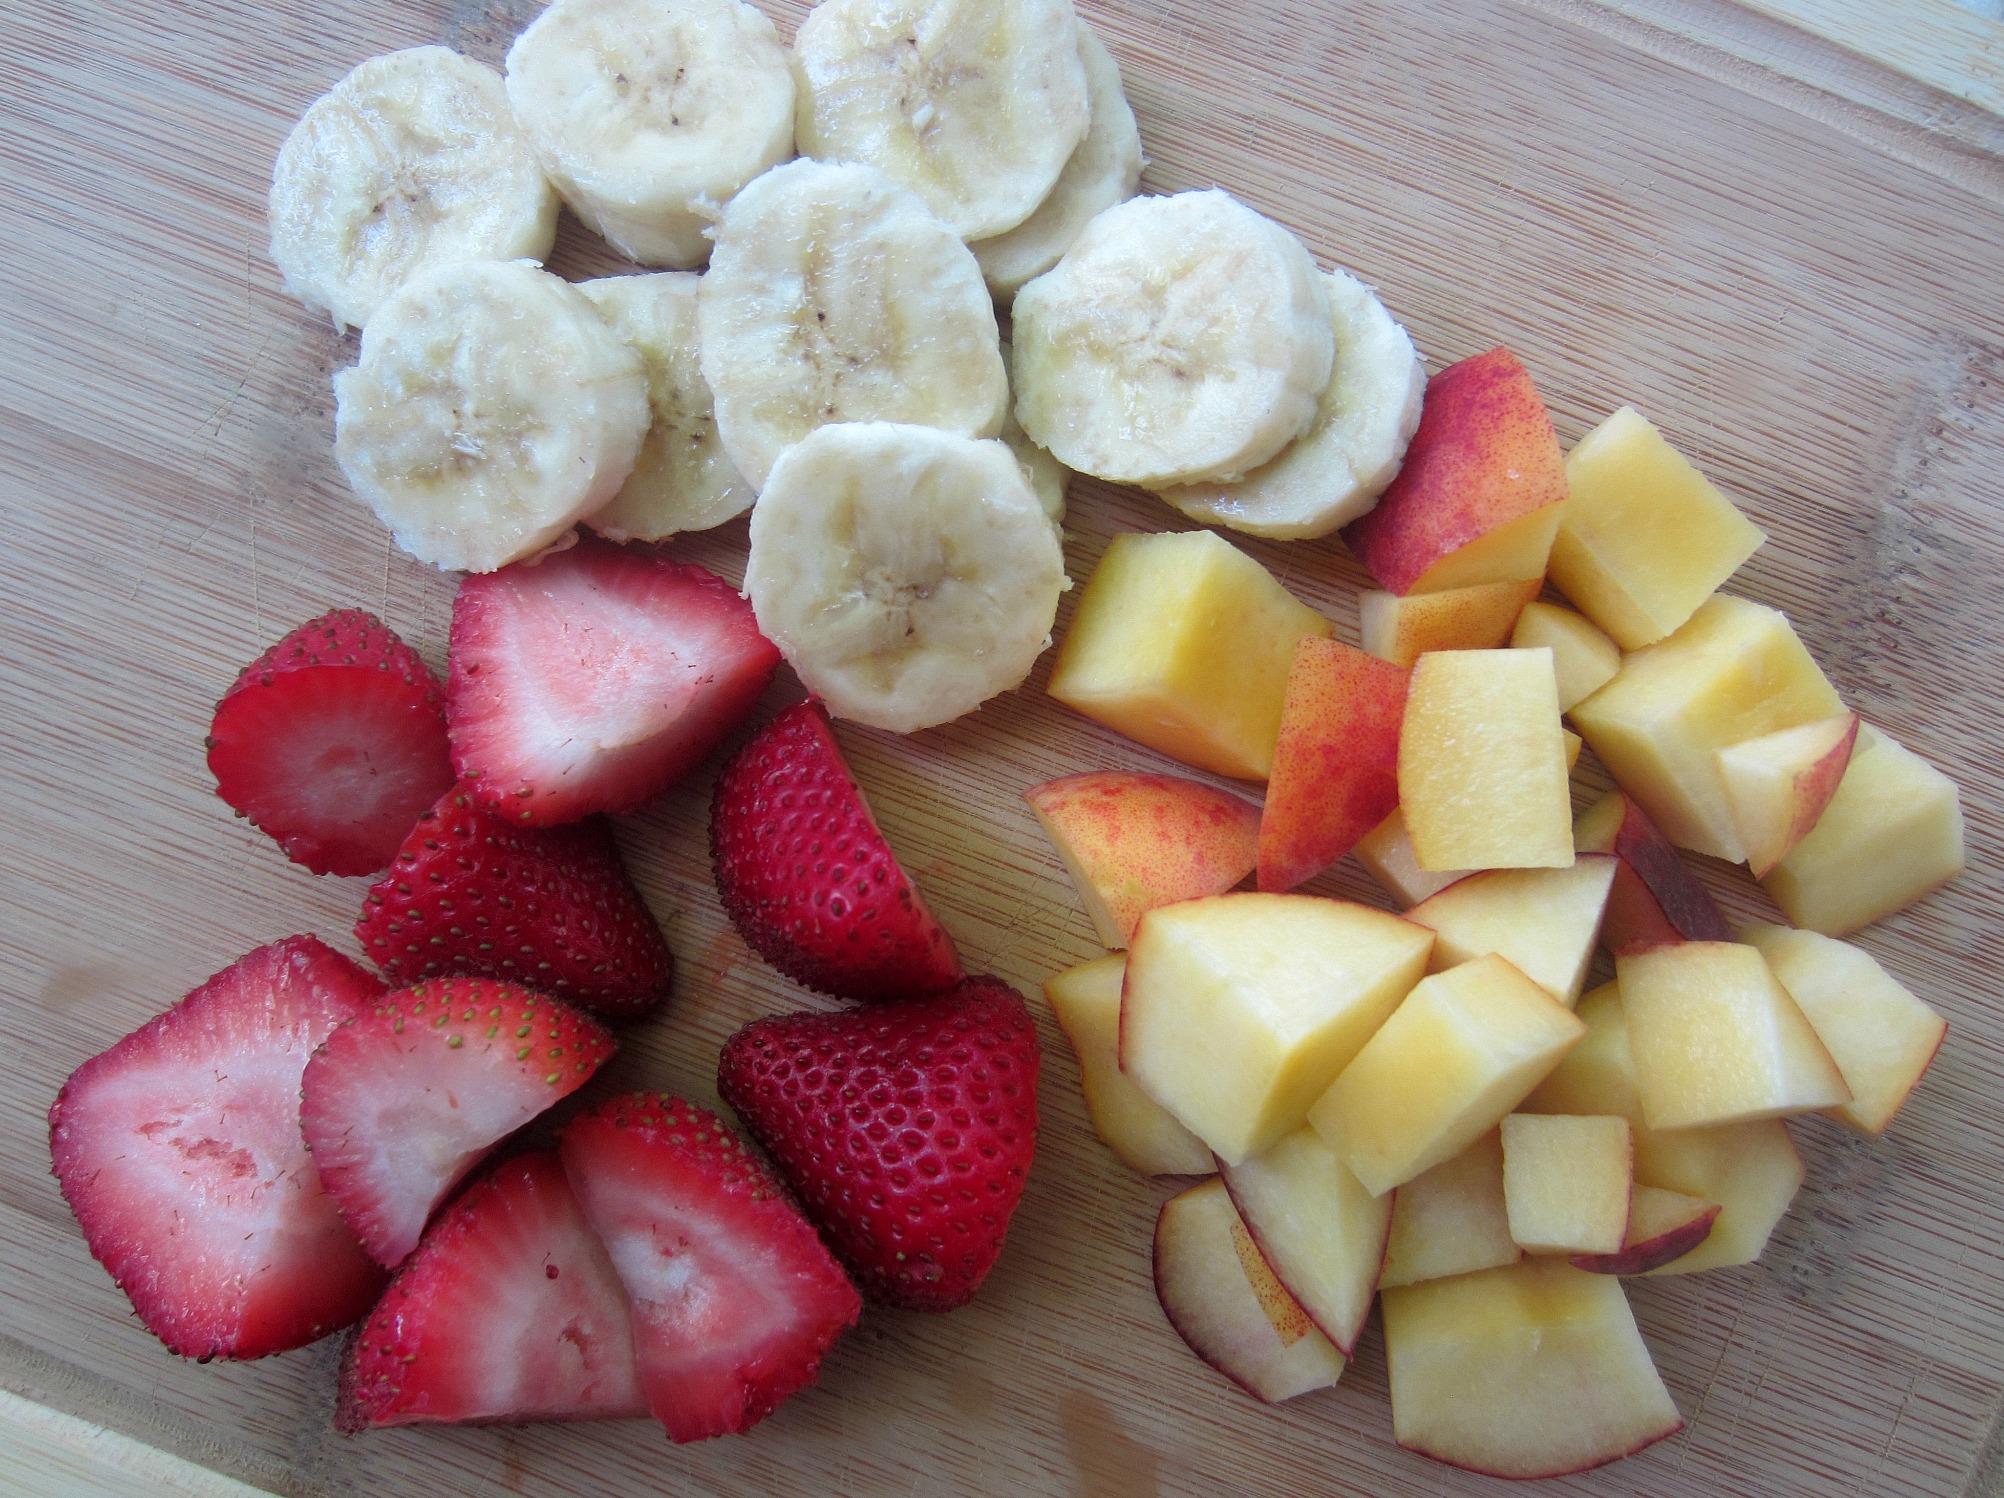 fresh fruit banana strawberries and nectarine